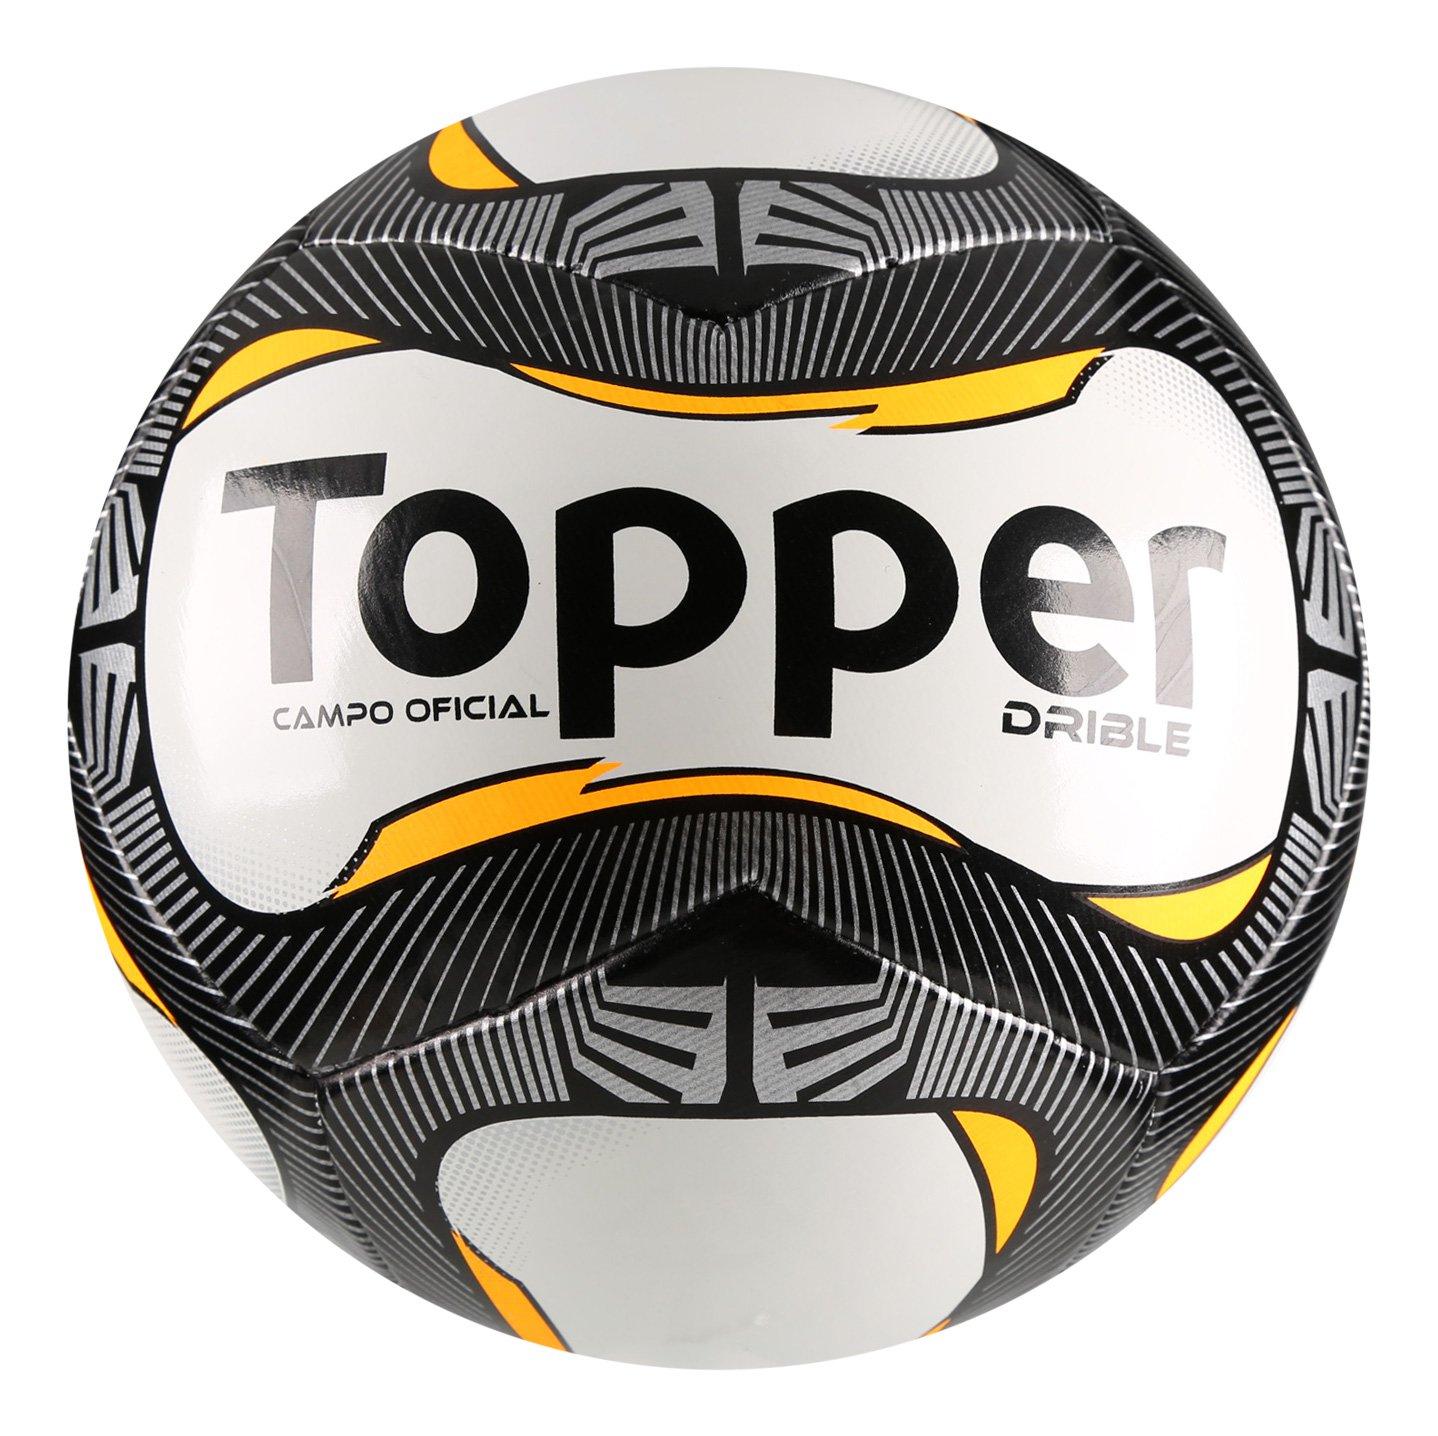 54f2faed45 Bola Futebol Campo Topper Drible